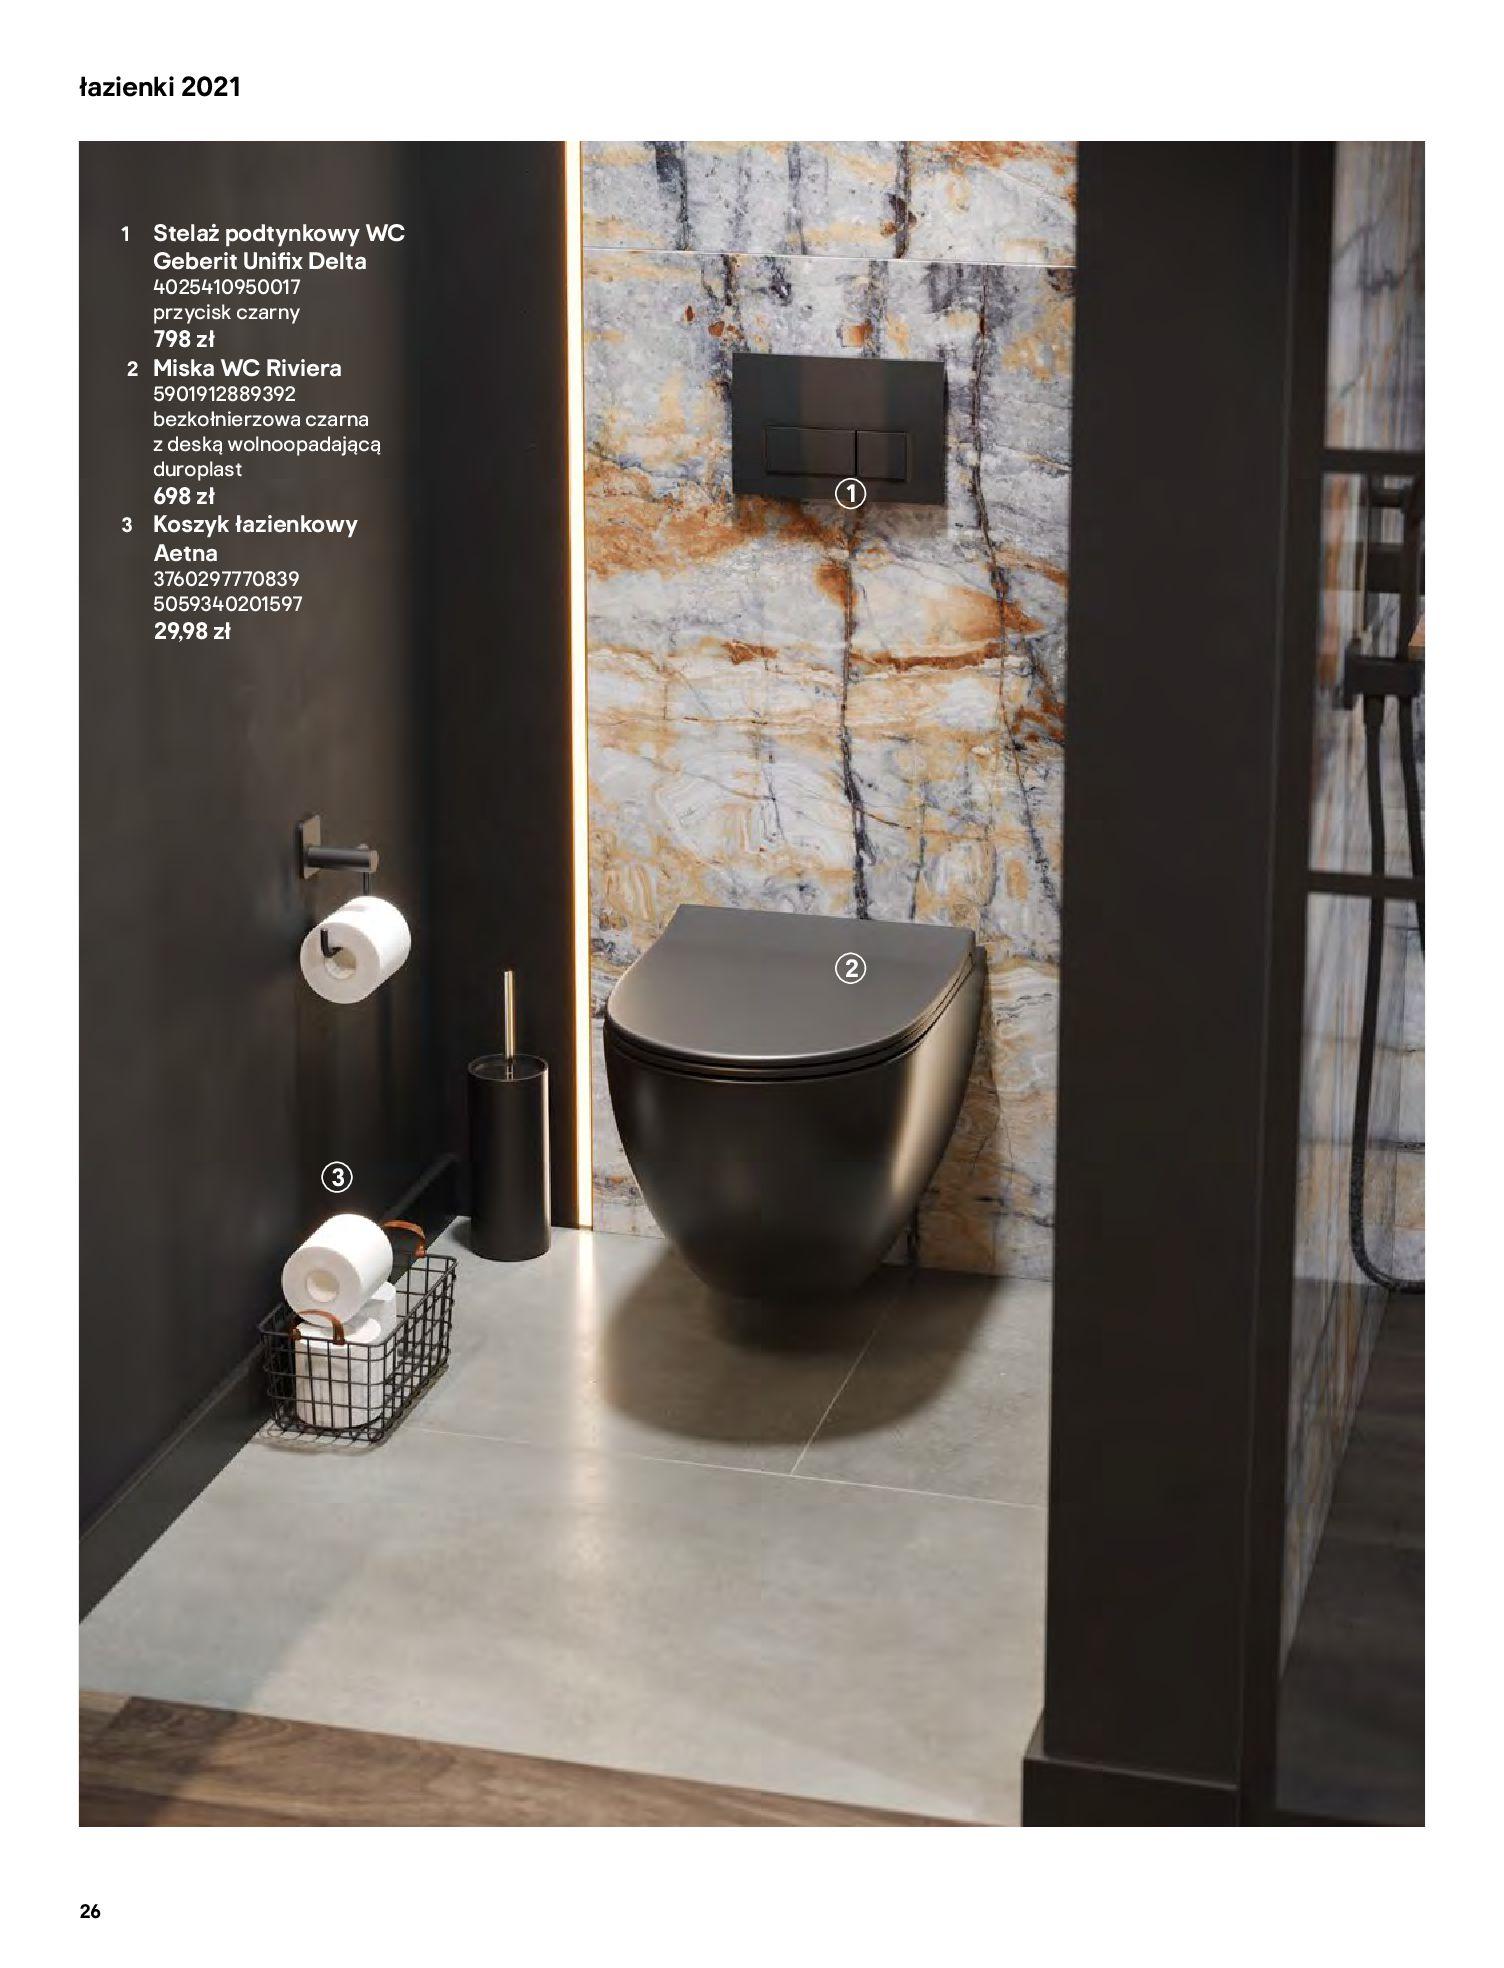 Gazetka Castorama: Gazetka Castorama - katalog łazienki 2021 2021-06-16 page-26